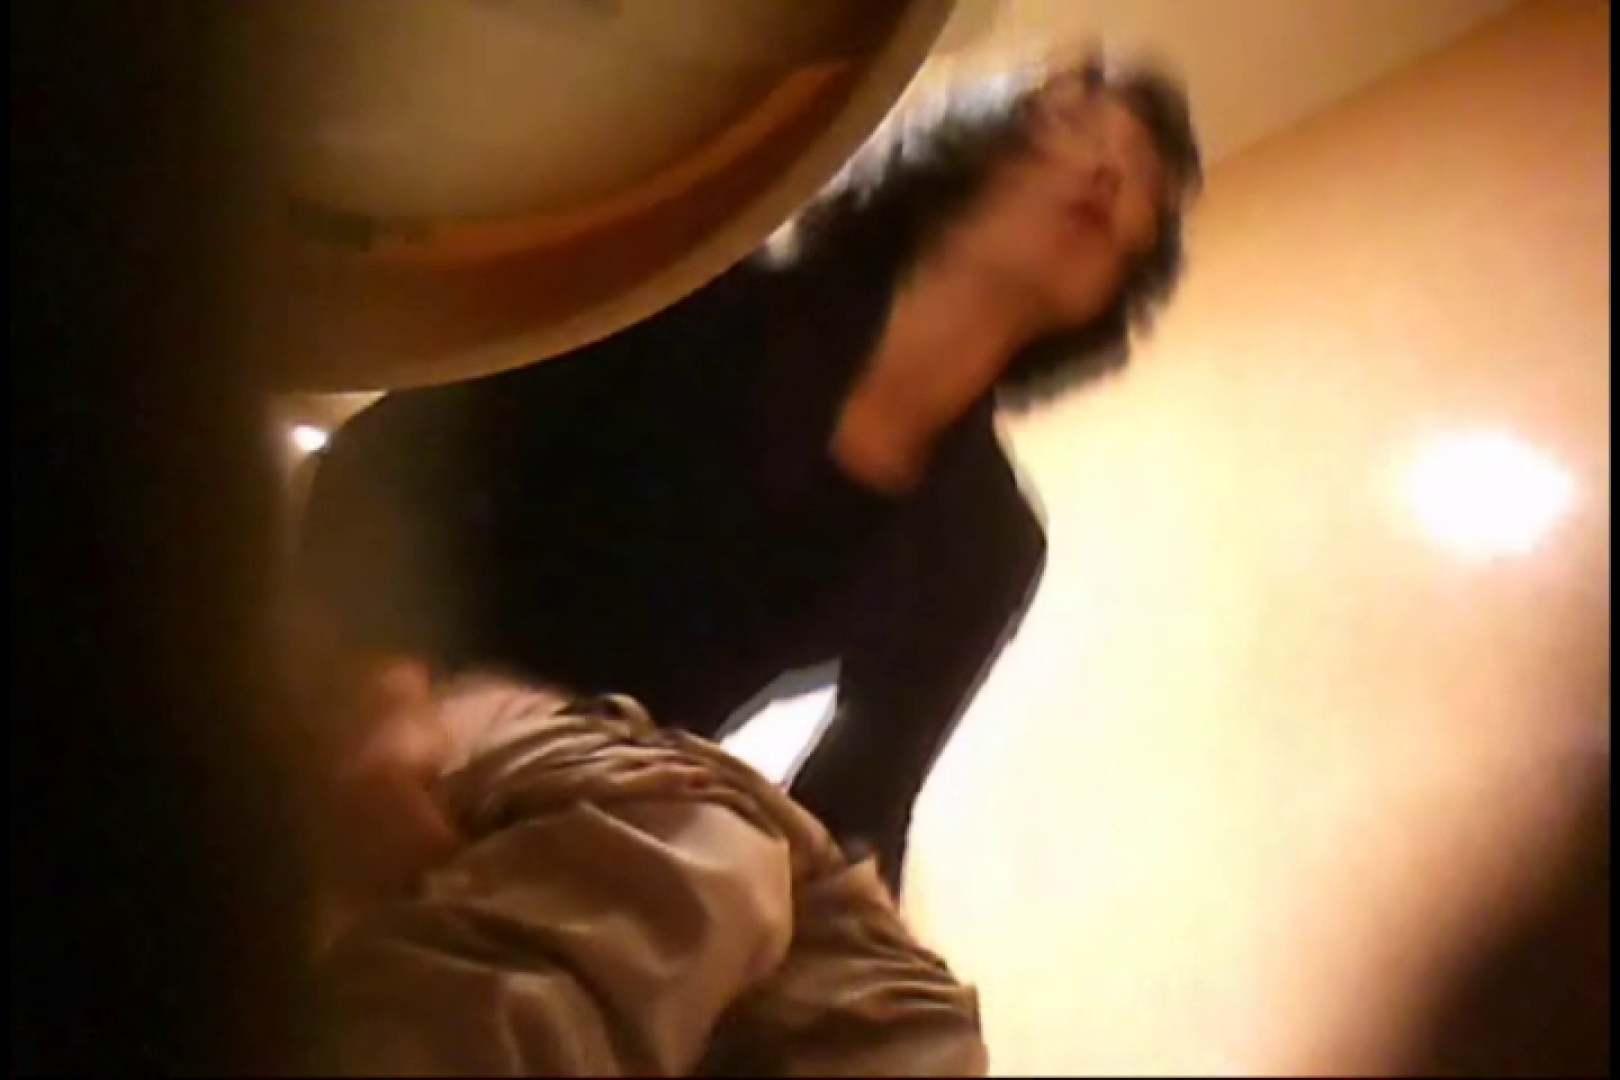 潜入!!女子化粧室盗撮~絶対見られたくない時間~vo,128 潜入 エロ画像 103PIX 63